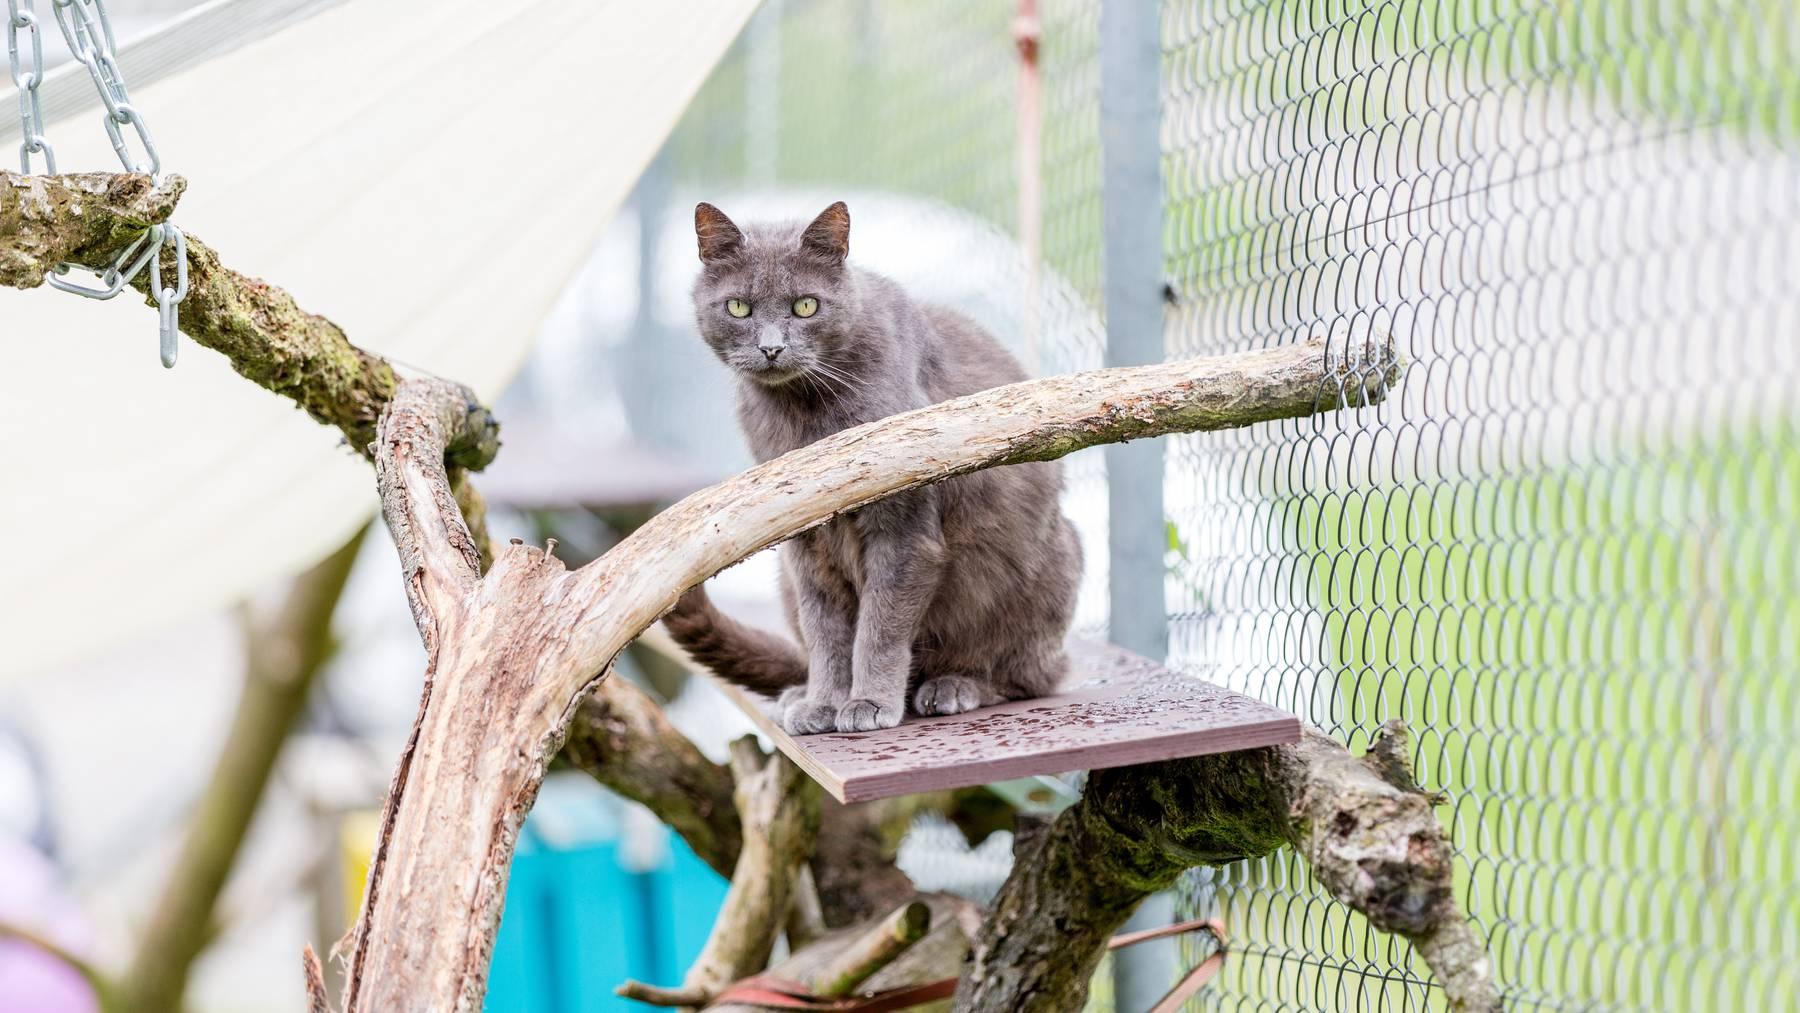 Der Ansturm auf die Tierheime wegen Corona bleibt aus – und zwar im Tessin wie in der Romandie, so eine Umfrage des Schweizer Tierschutz. (Symbolbild)